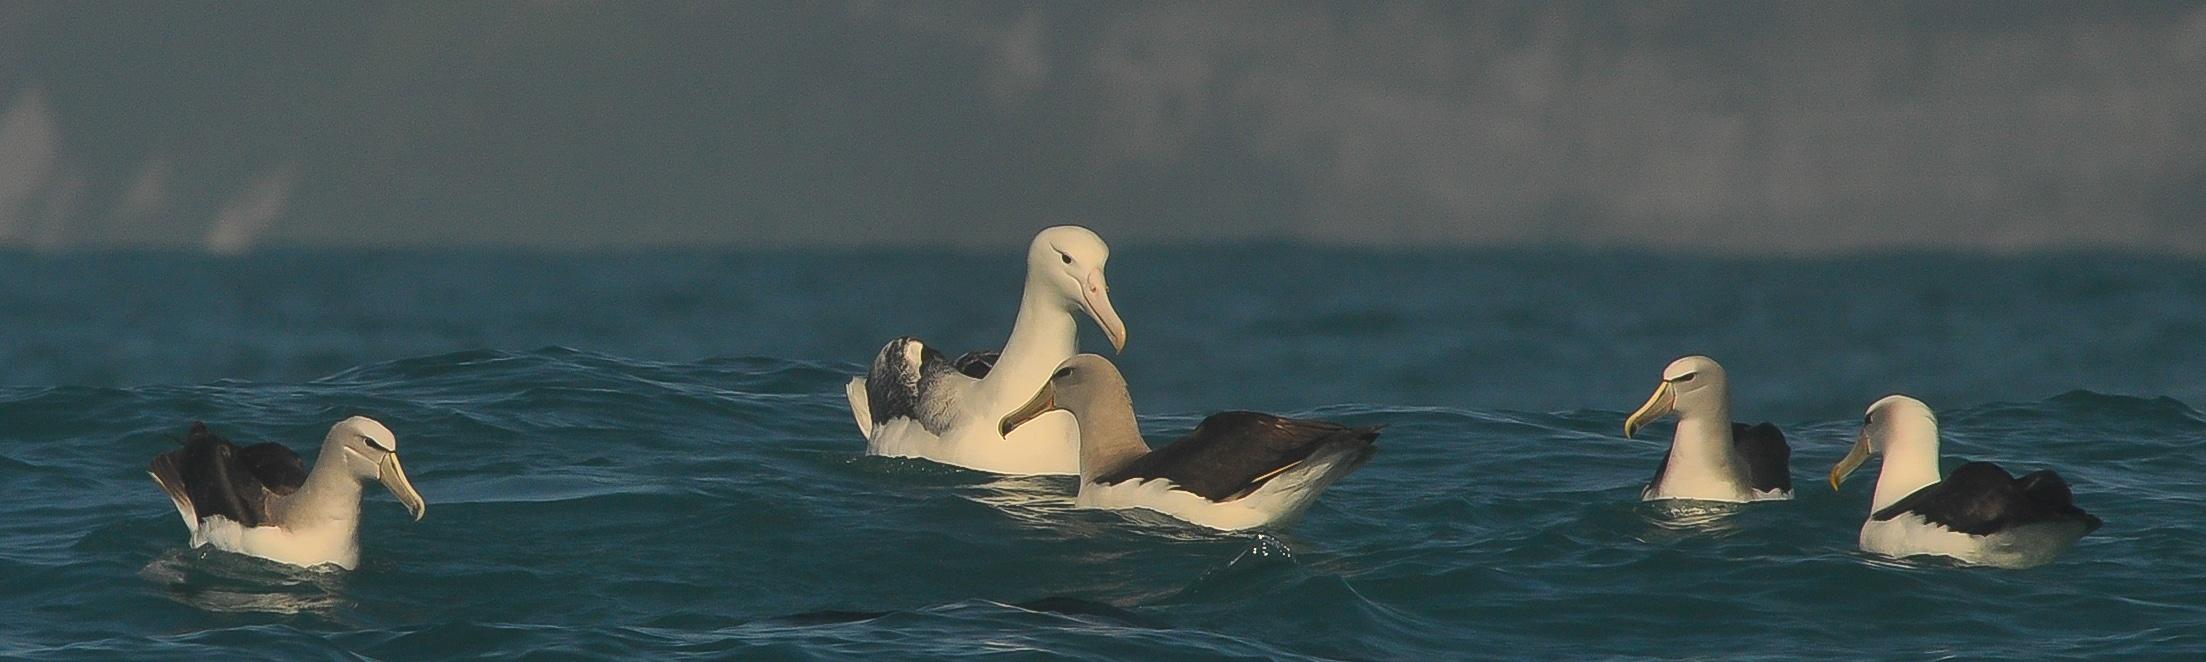 Wanderalbatros und Salvin`s Albatros